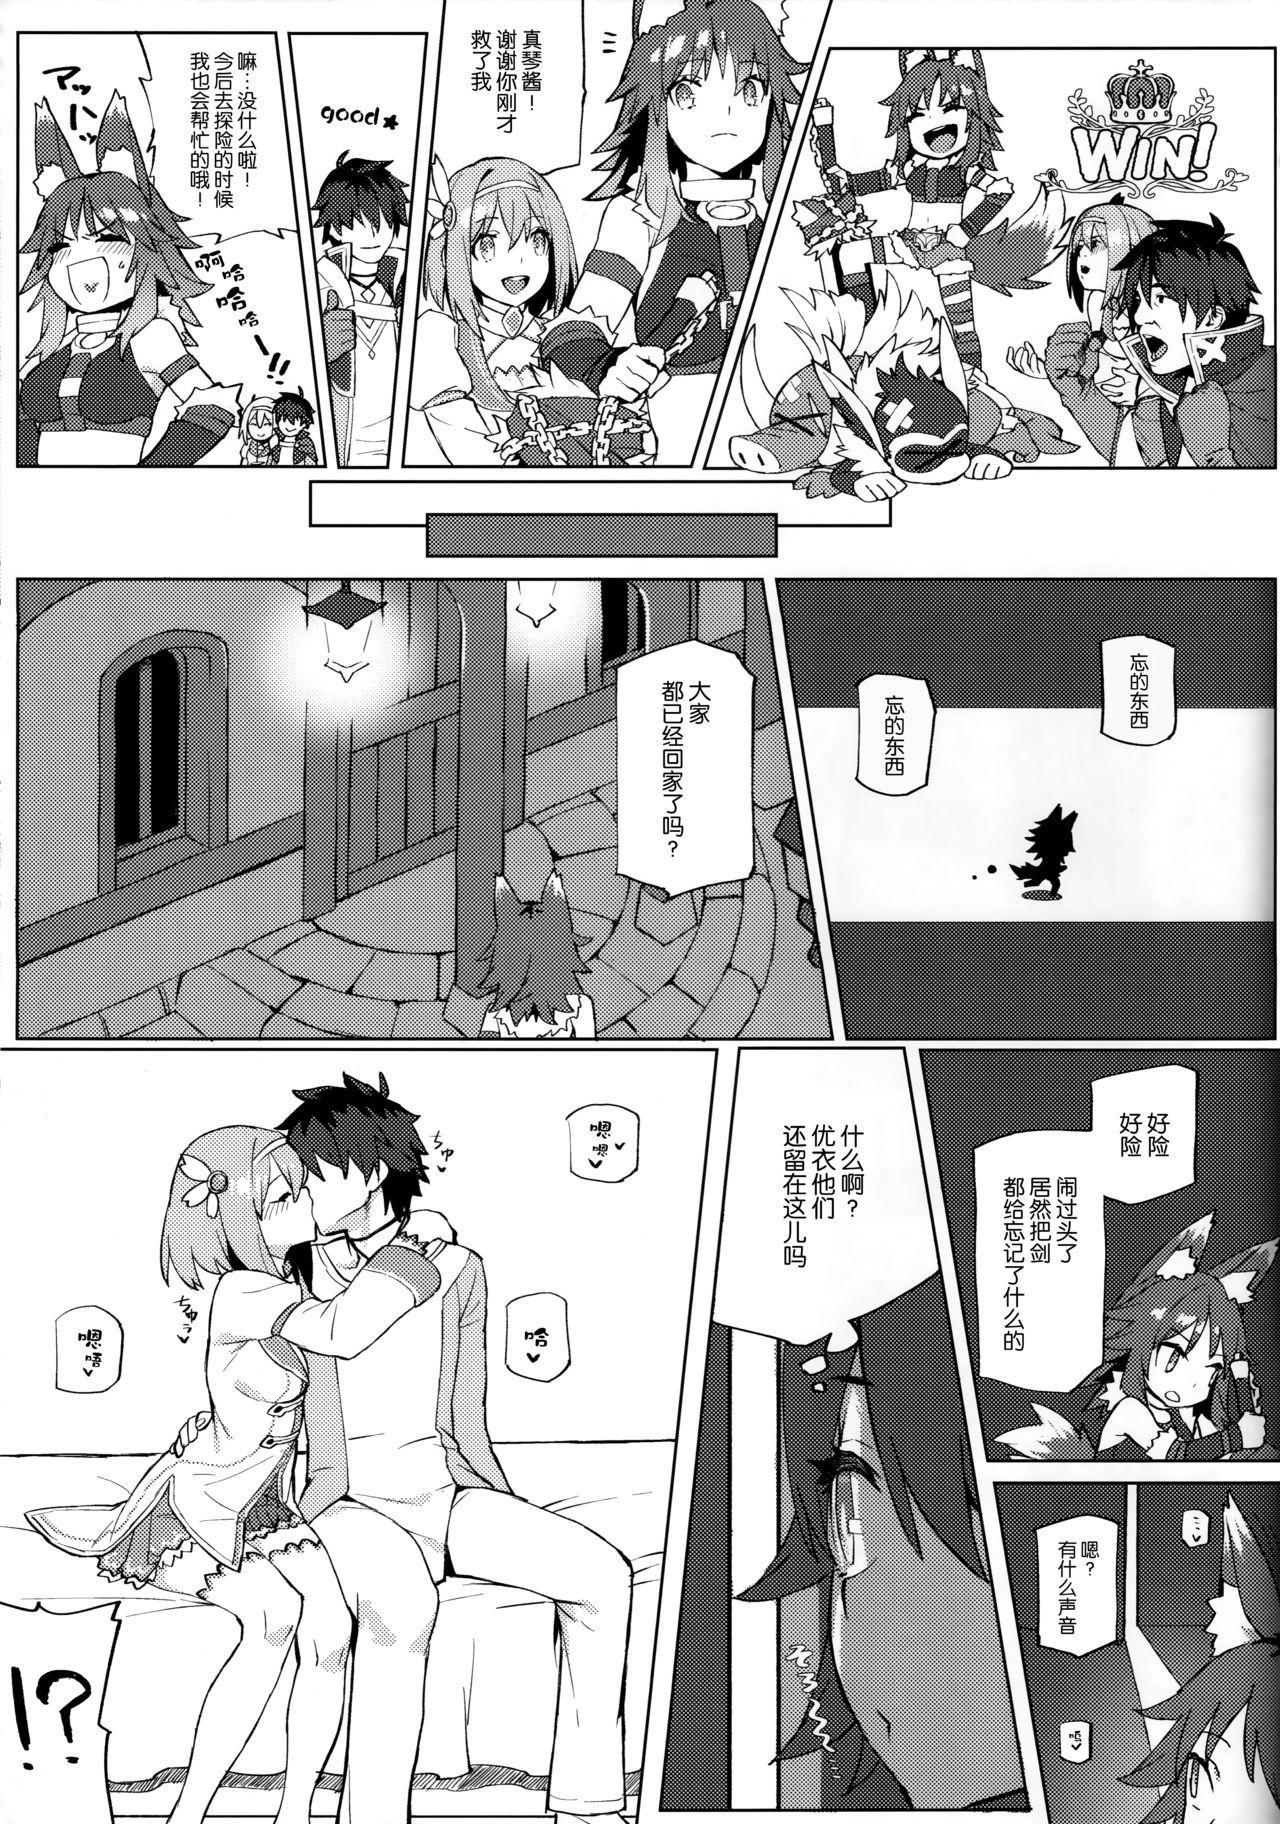 Daga Watashi wa Ayamaranai 4